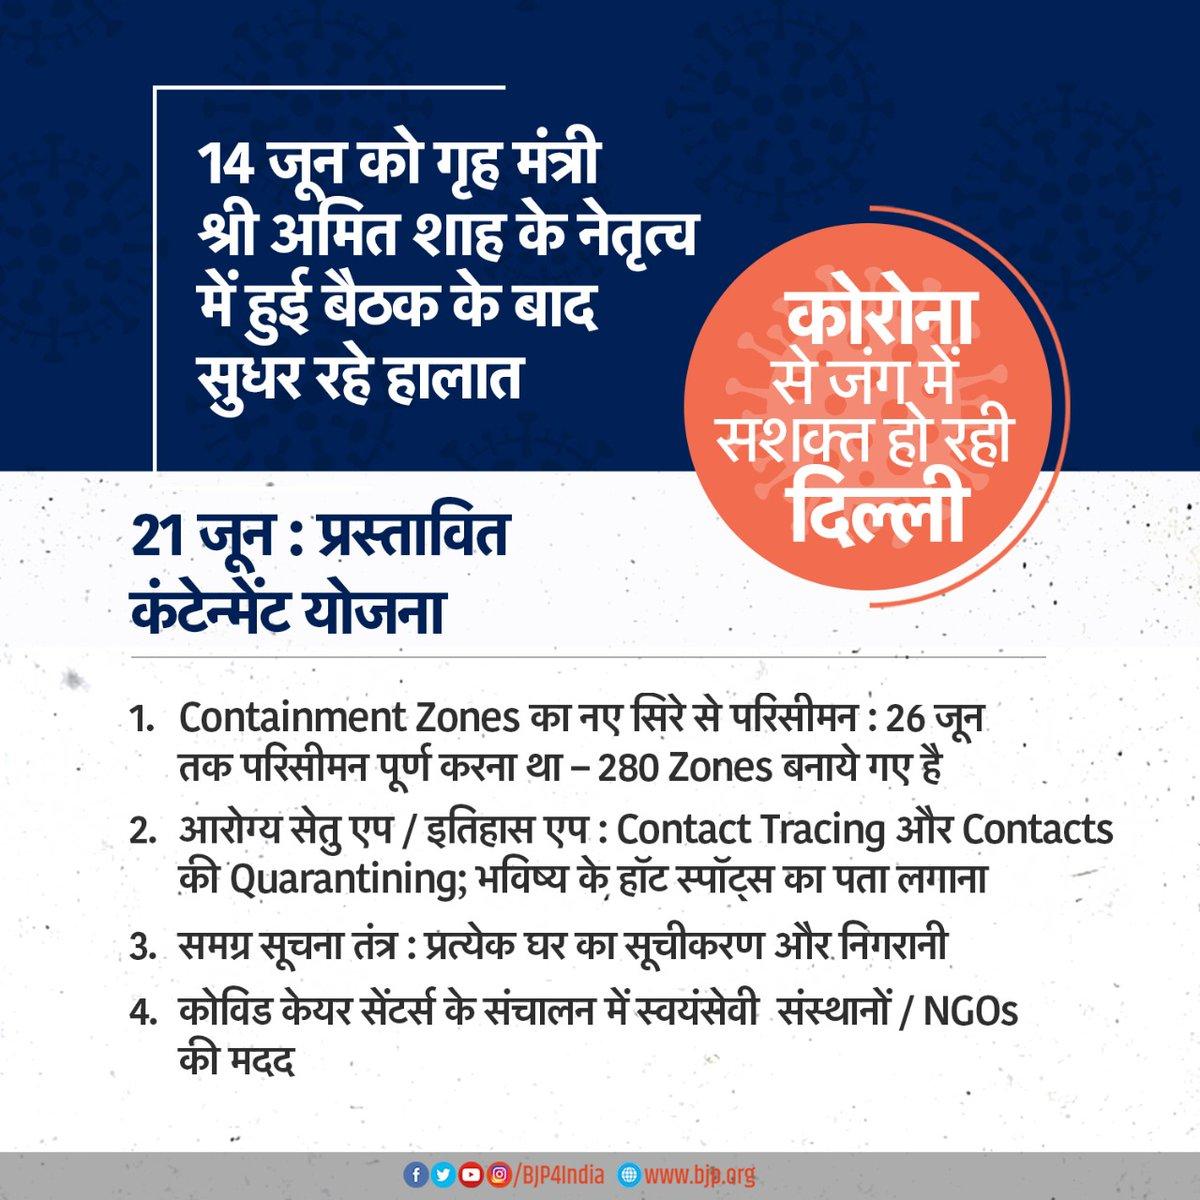 कोरोना से जंग में सशक्त हो रही दिल्ली। 21 जून: प्रस्तावित कंटेन्मेंट योजना • Containment Zones का नए सिरे से परिसीमन। • समग्र सूचना तंत्र: प्रत्येक घर का सूचीकरण और निगरानी • कोविड केयर सेंटर्स संचालन में स्वयंसेवी संस्थाओं / NGOs की मदद #IndiaFightsCorona